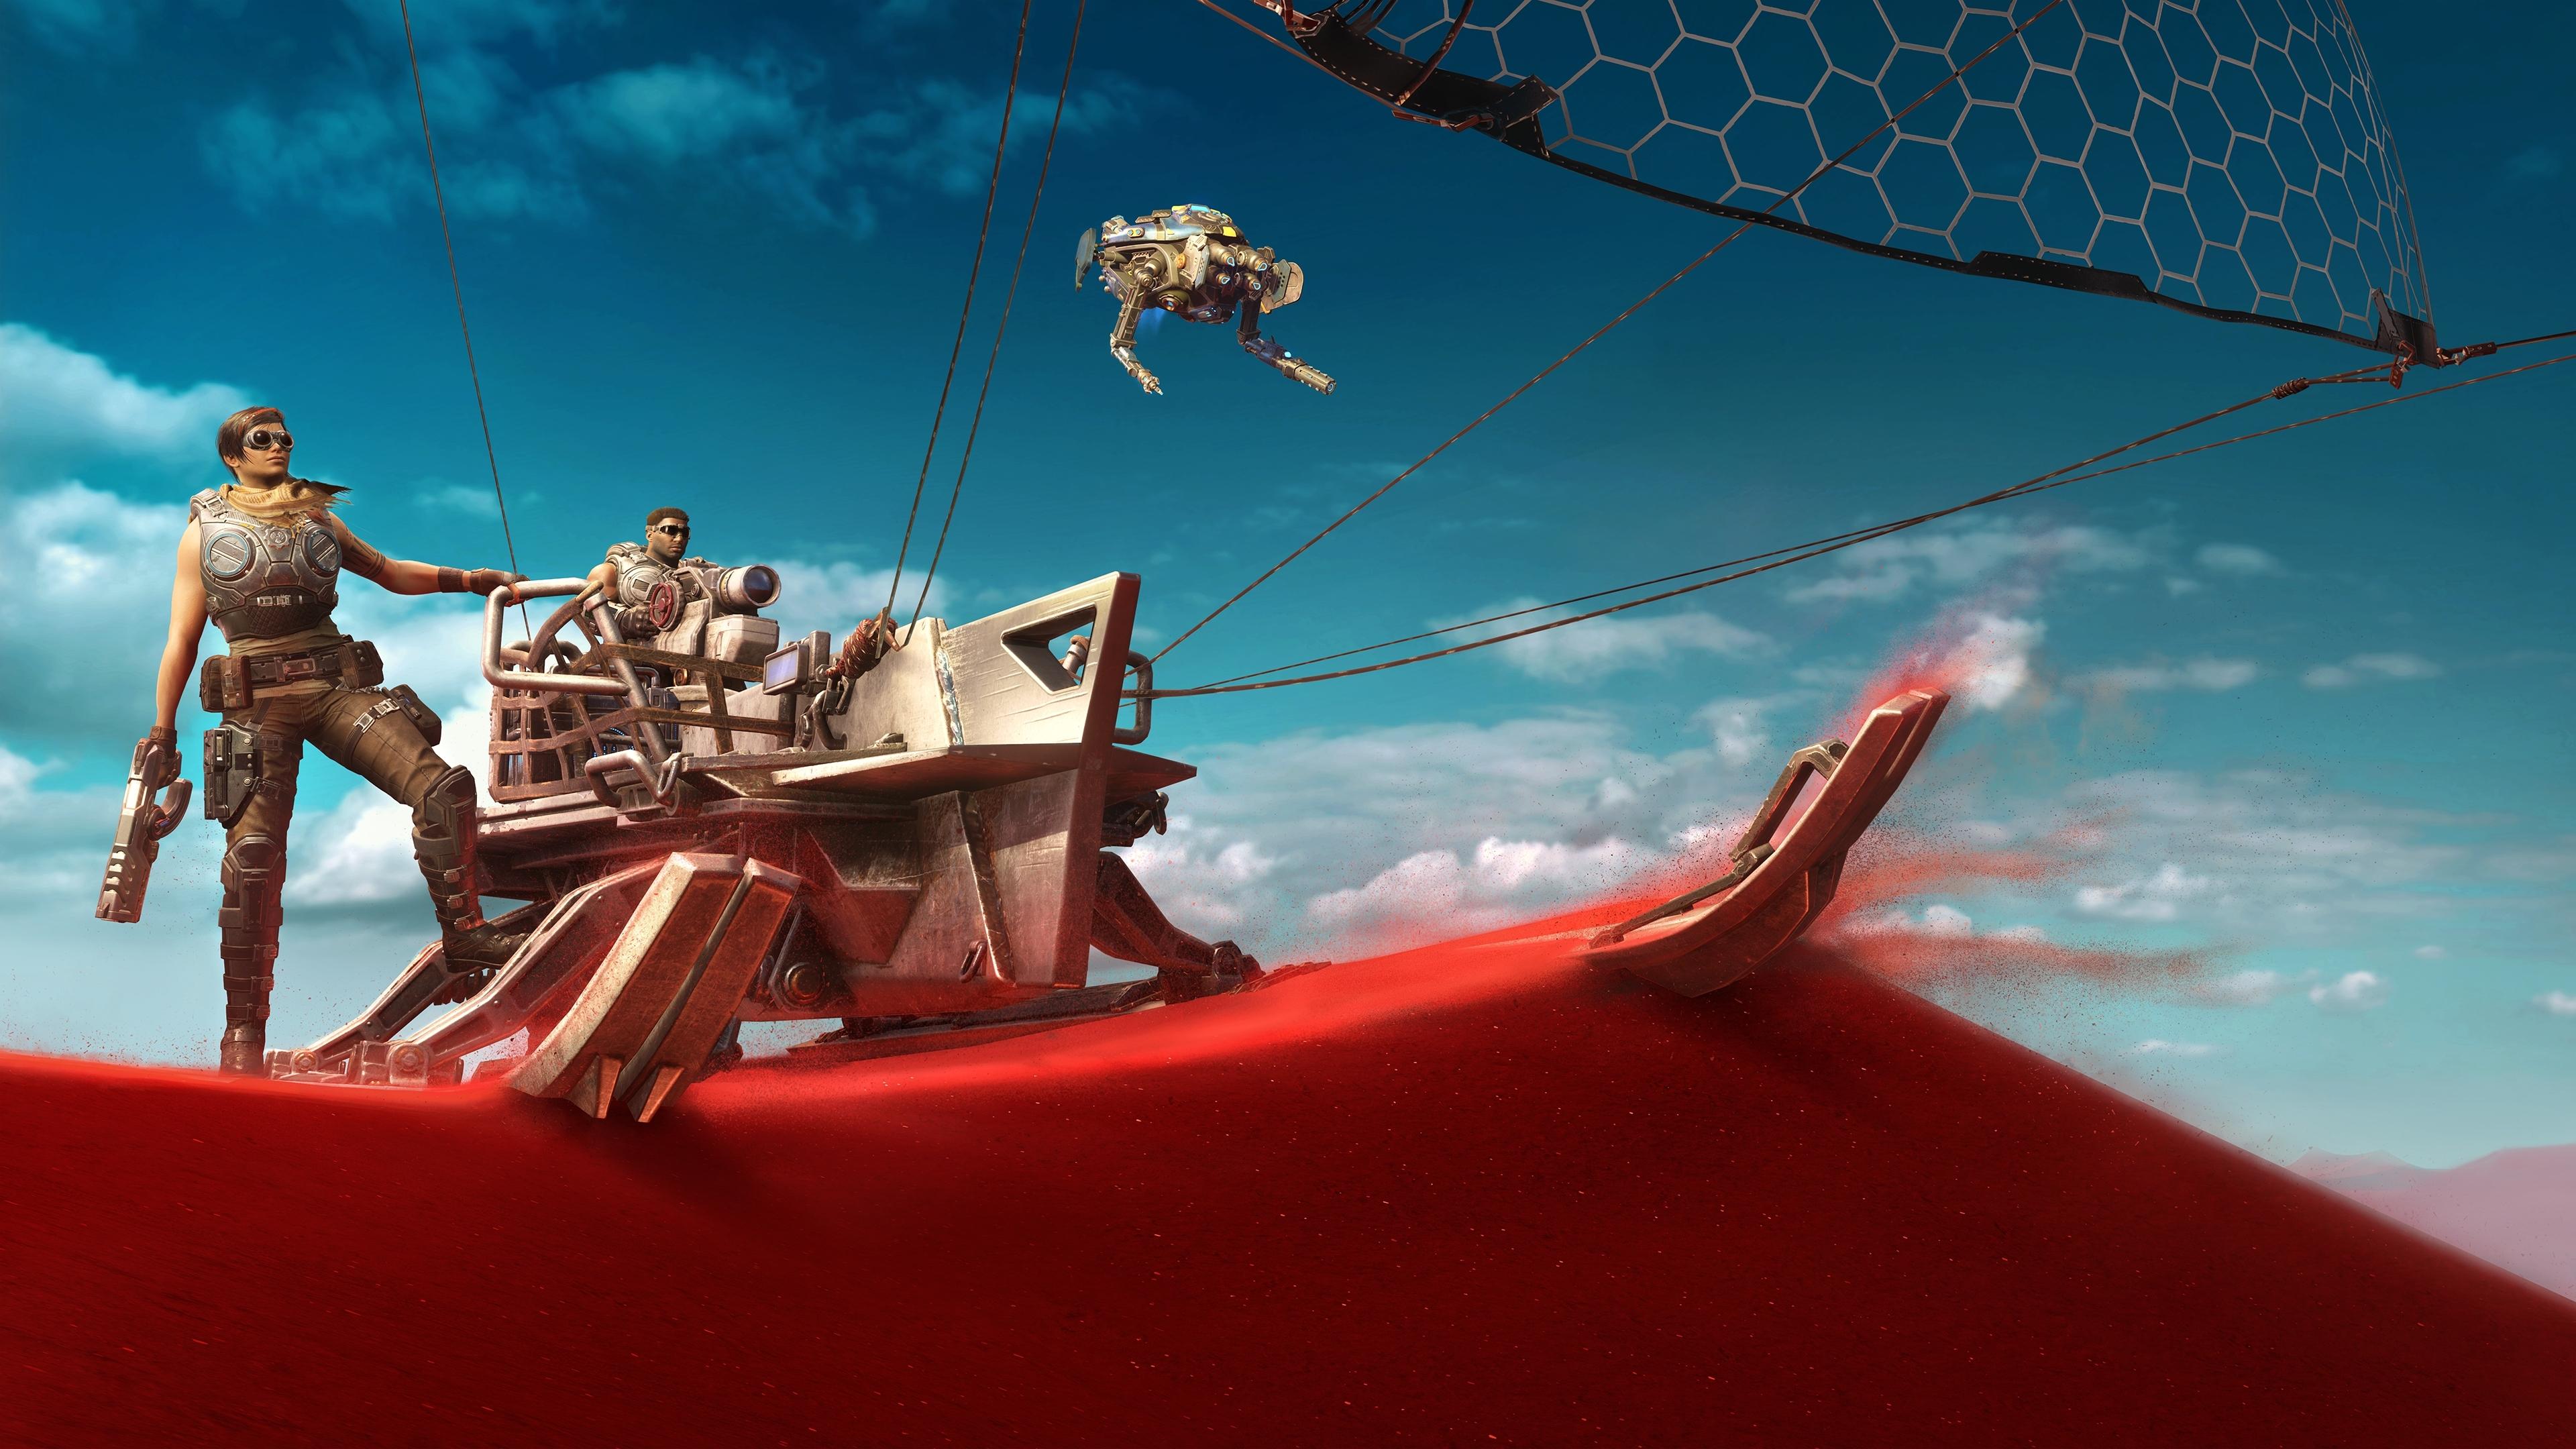 Gears Of War 5 Wallpaper Hd Games 4k Wallpapers Images